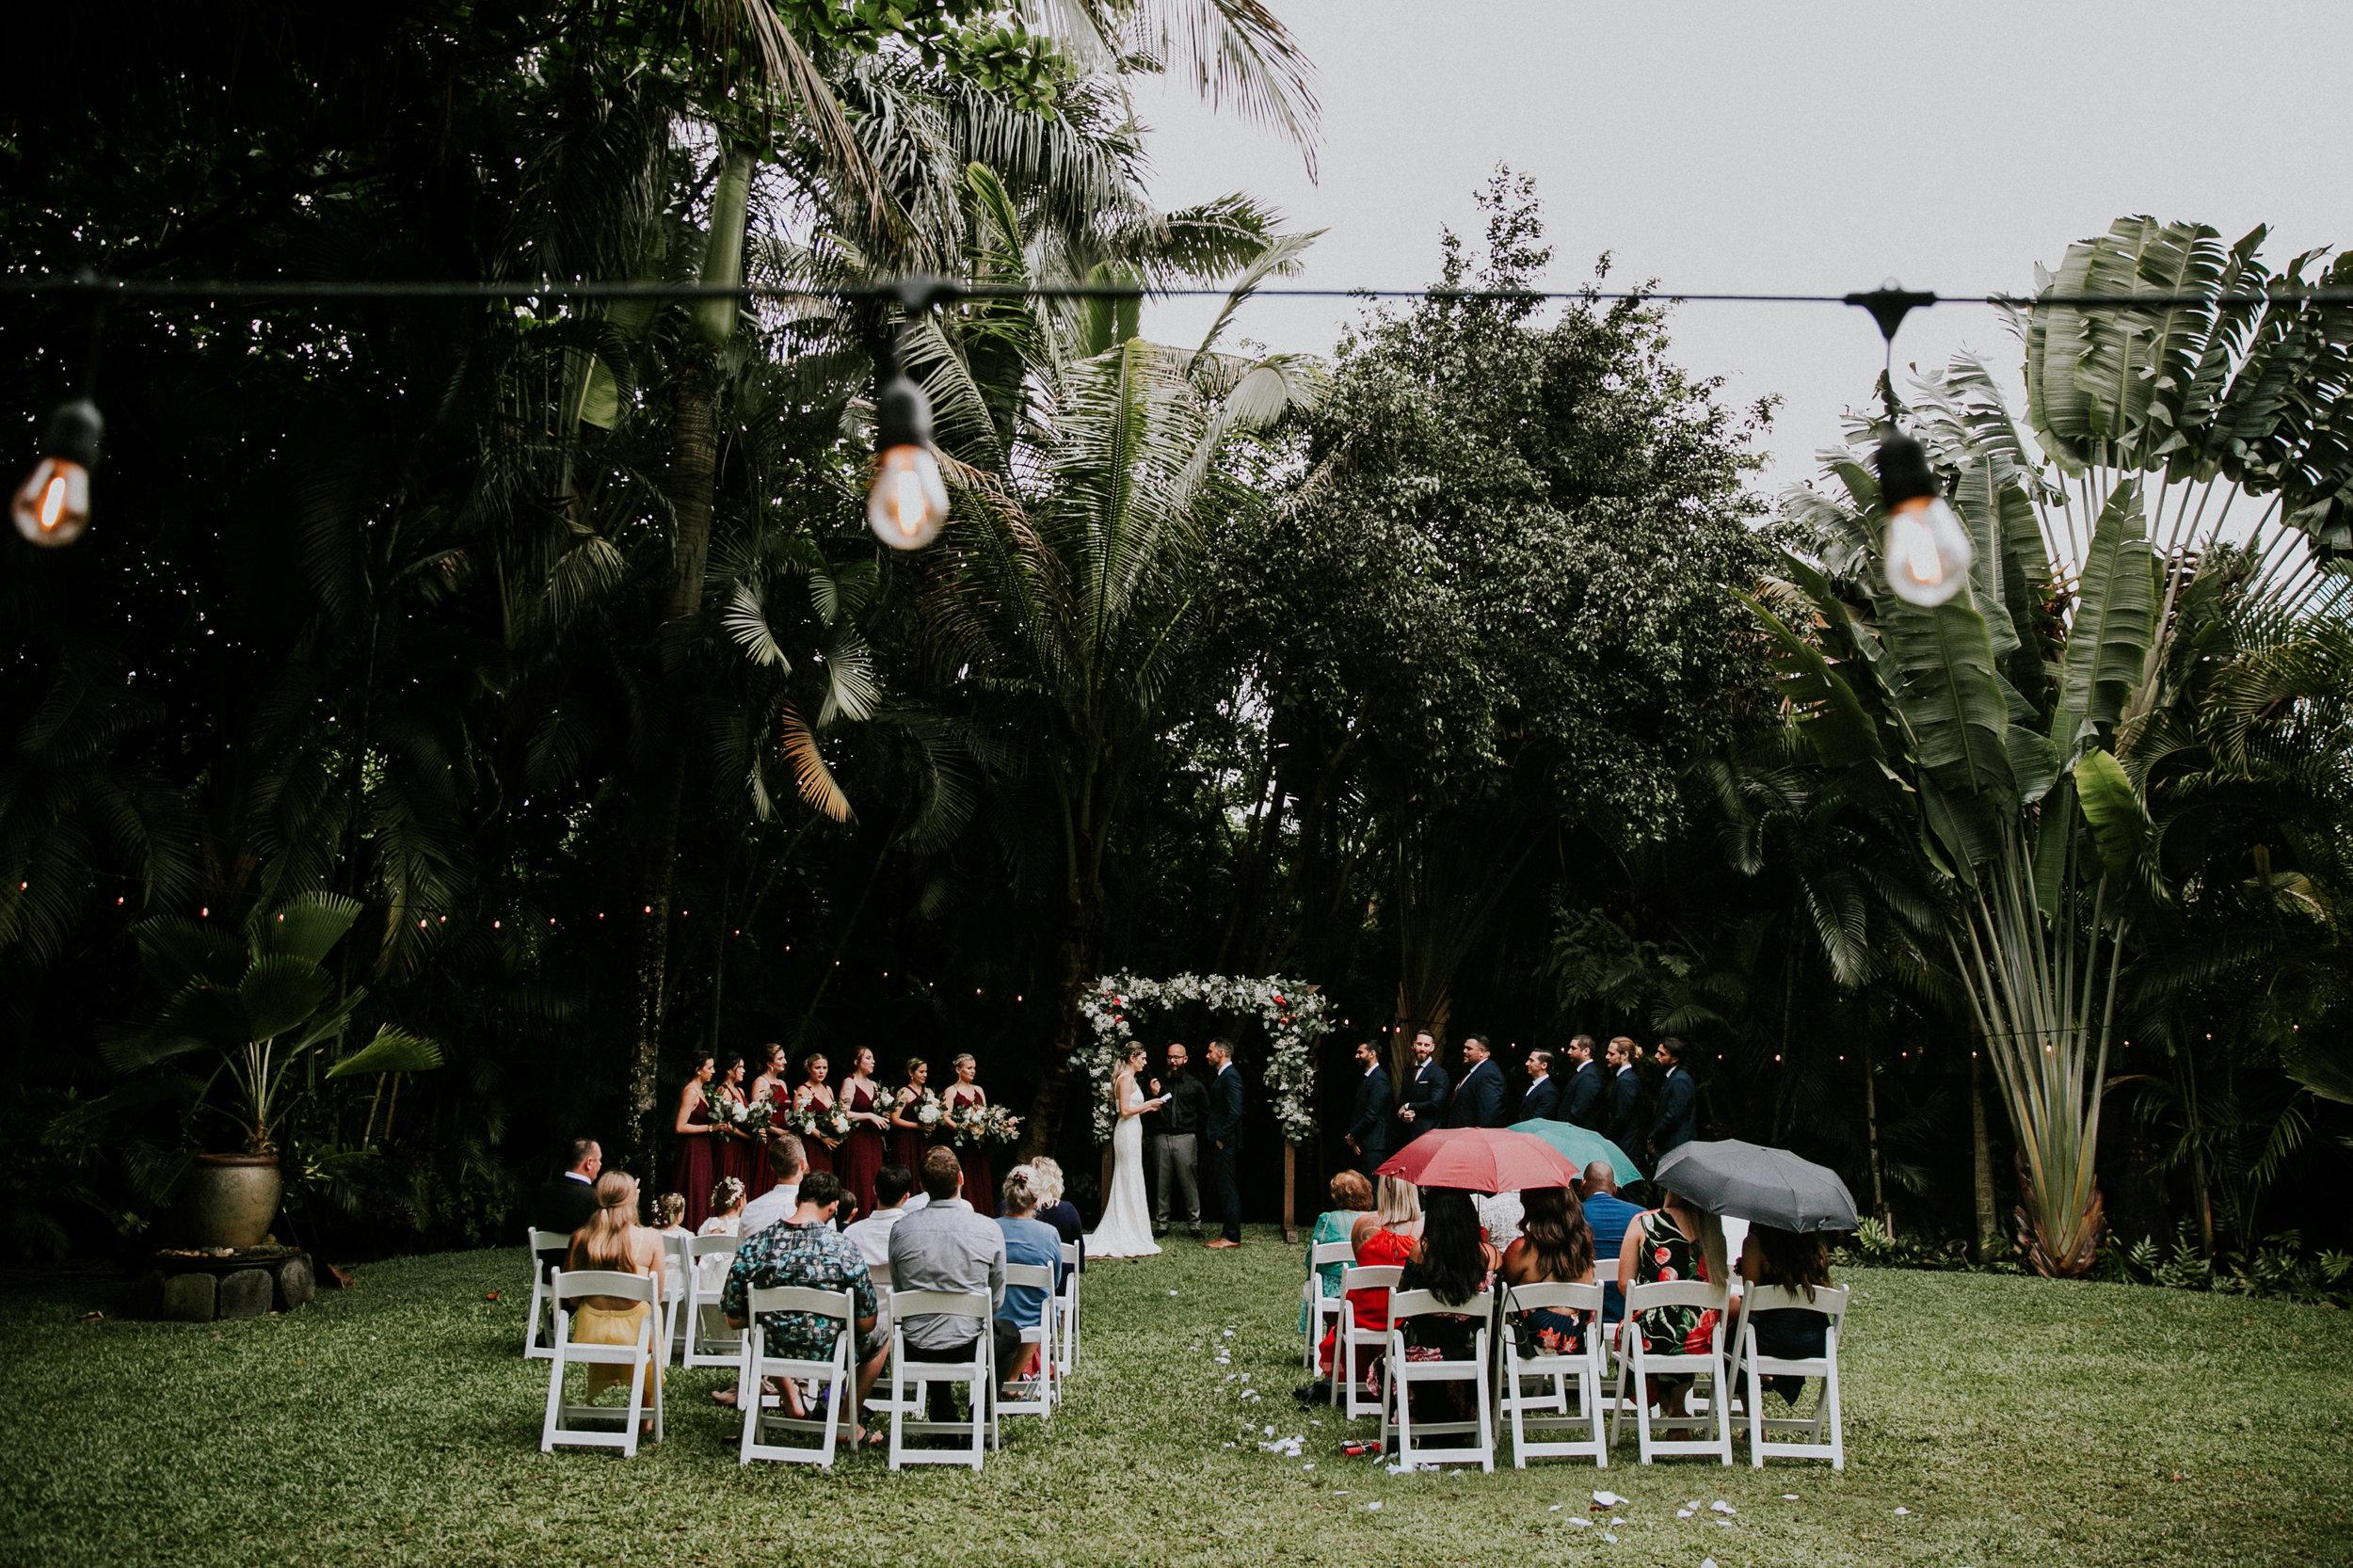 isenwedding2019_495002.jpg